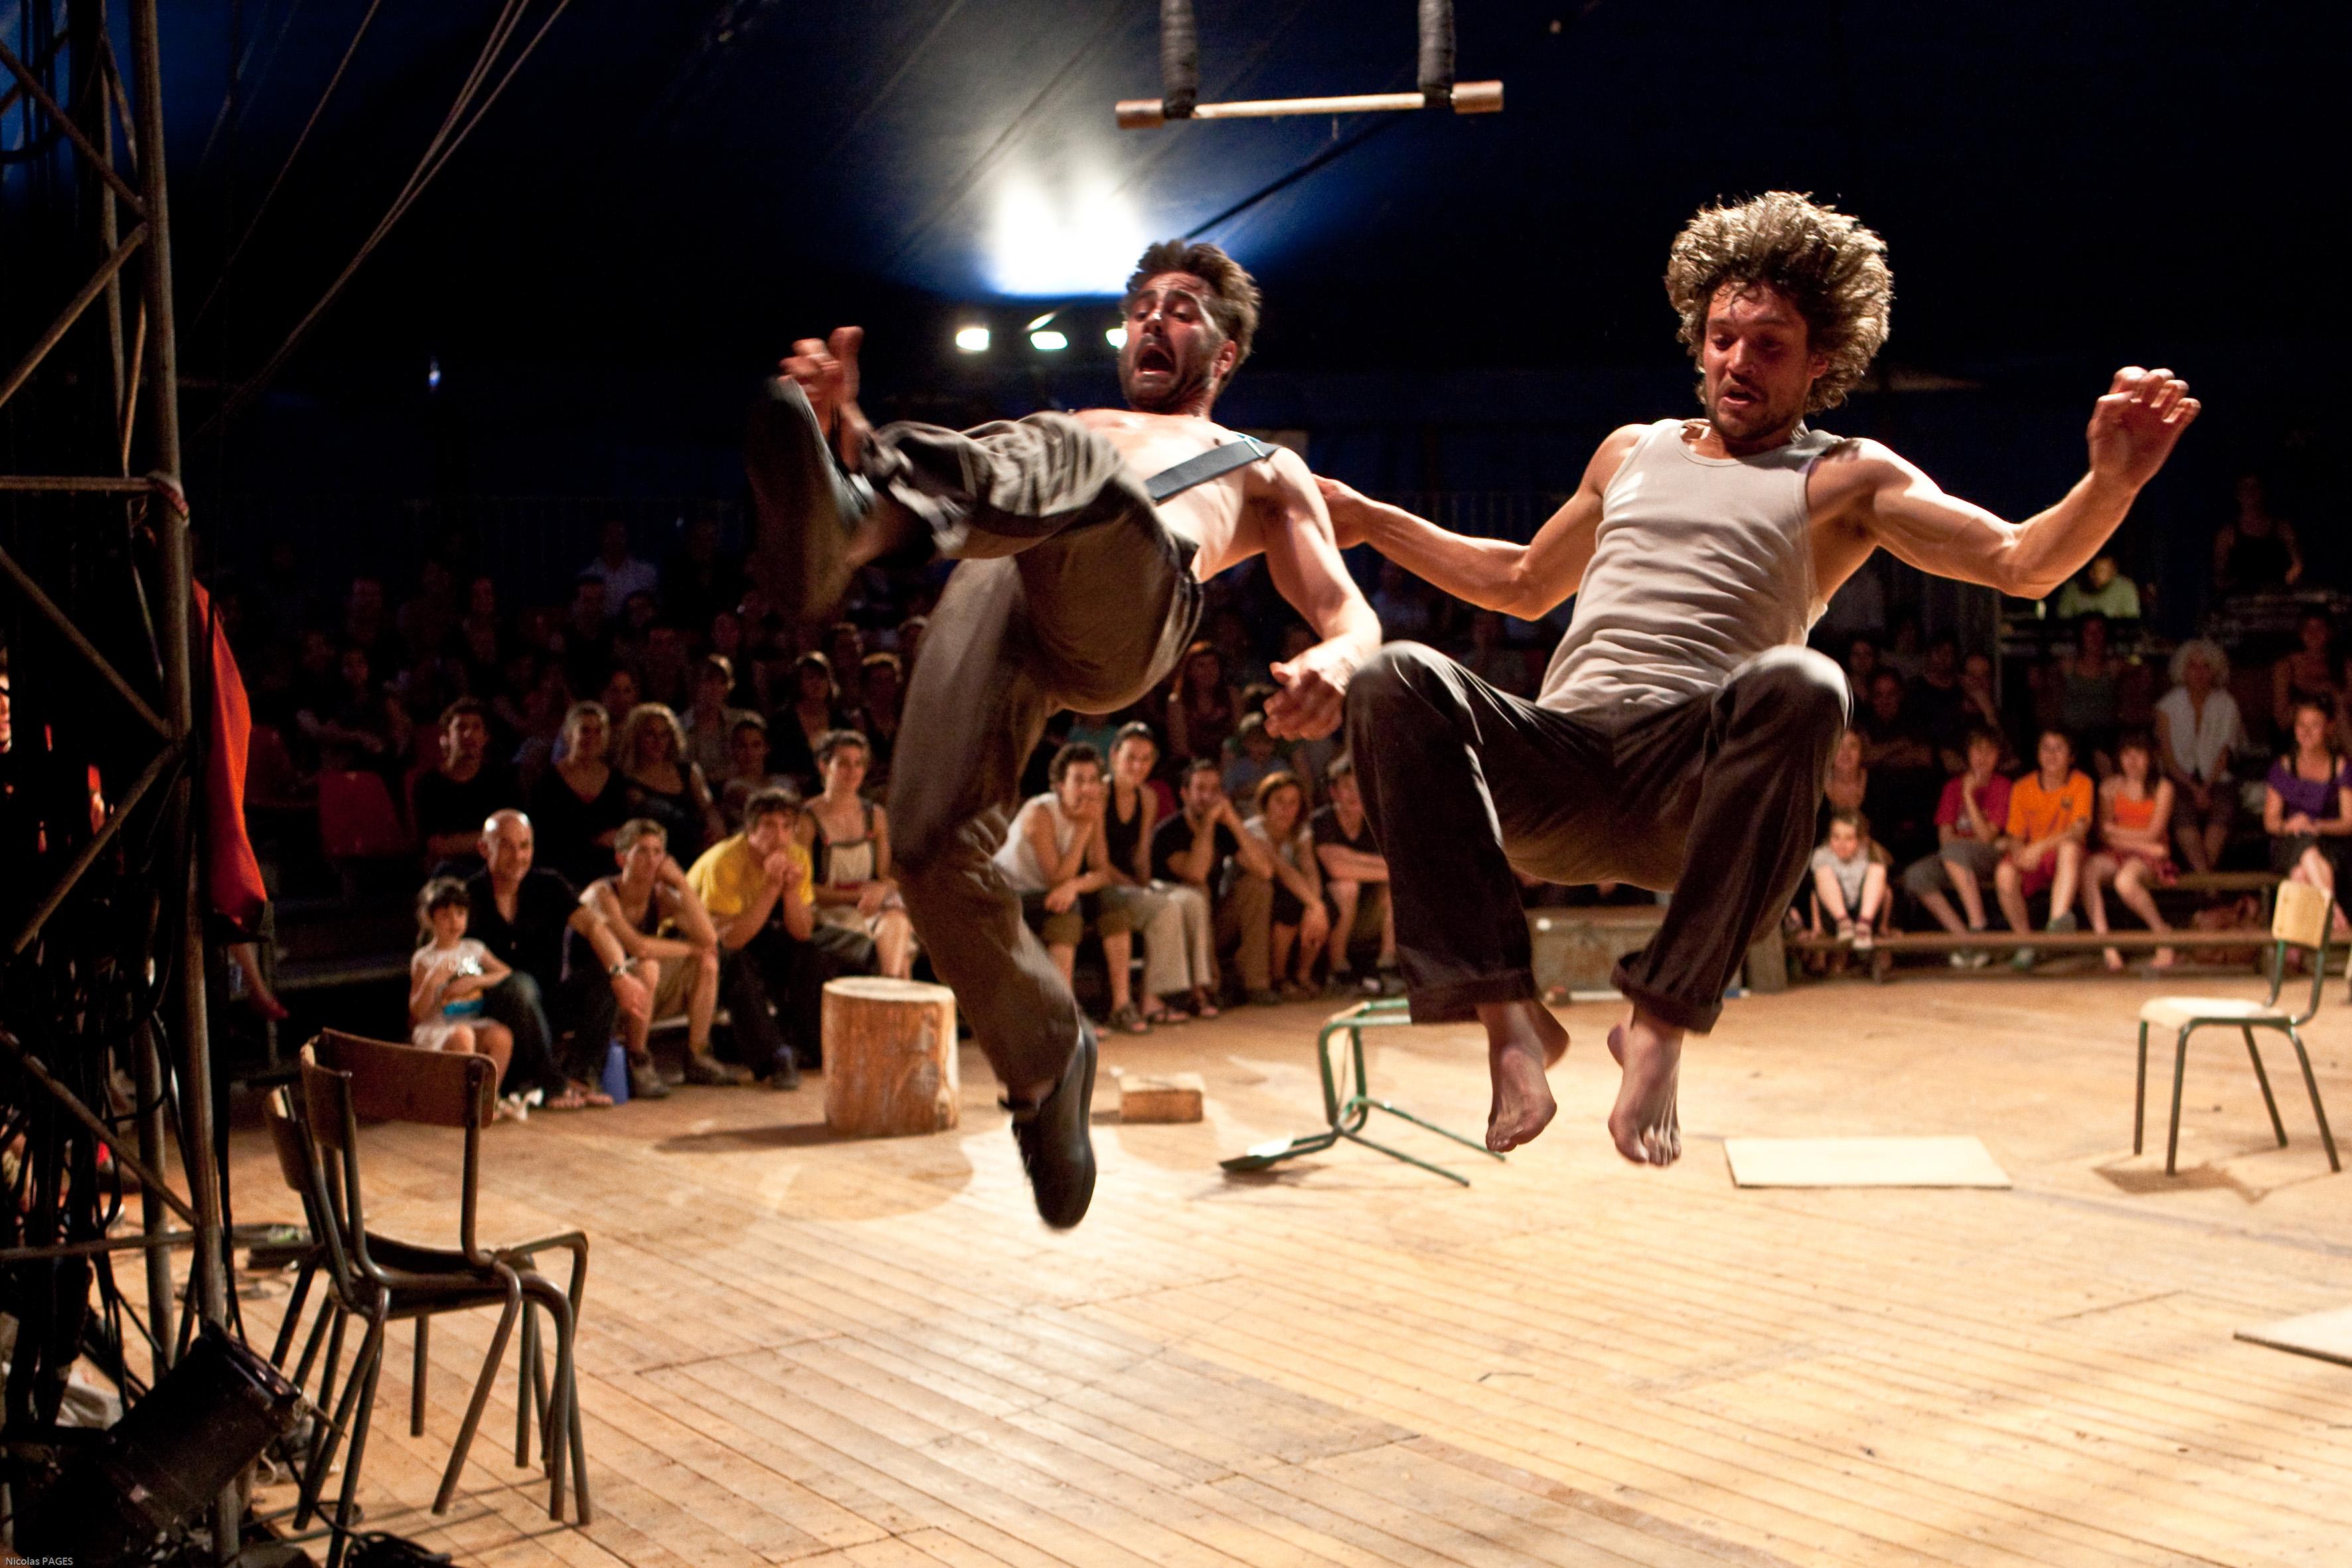 2_Cie Galapiat cirque-Risque Ze¦ürO(c)Nicolas Pages-poussie¦Çres d'images